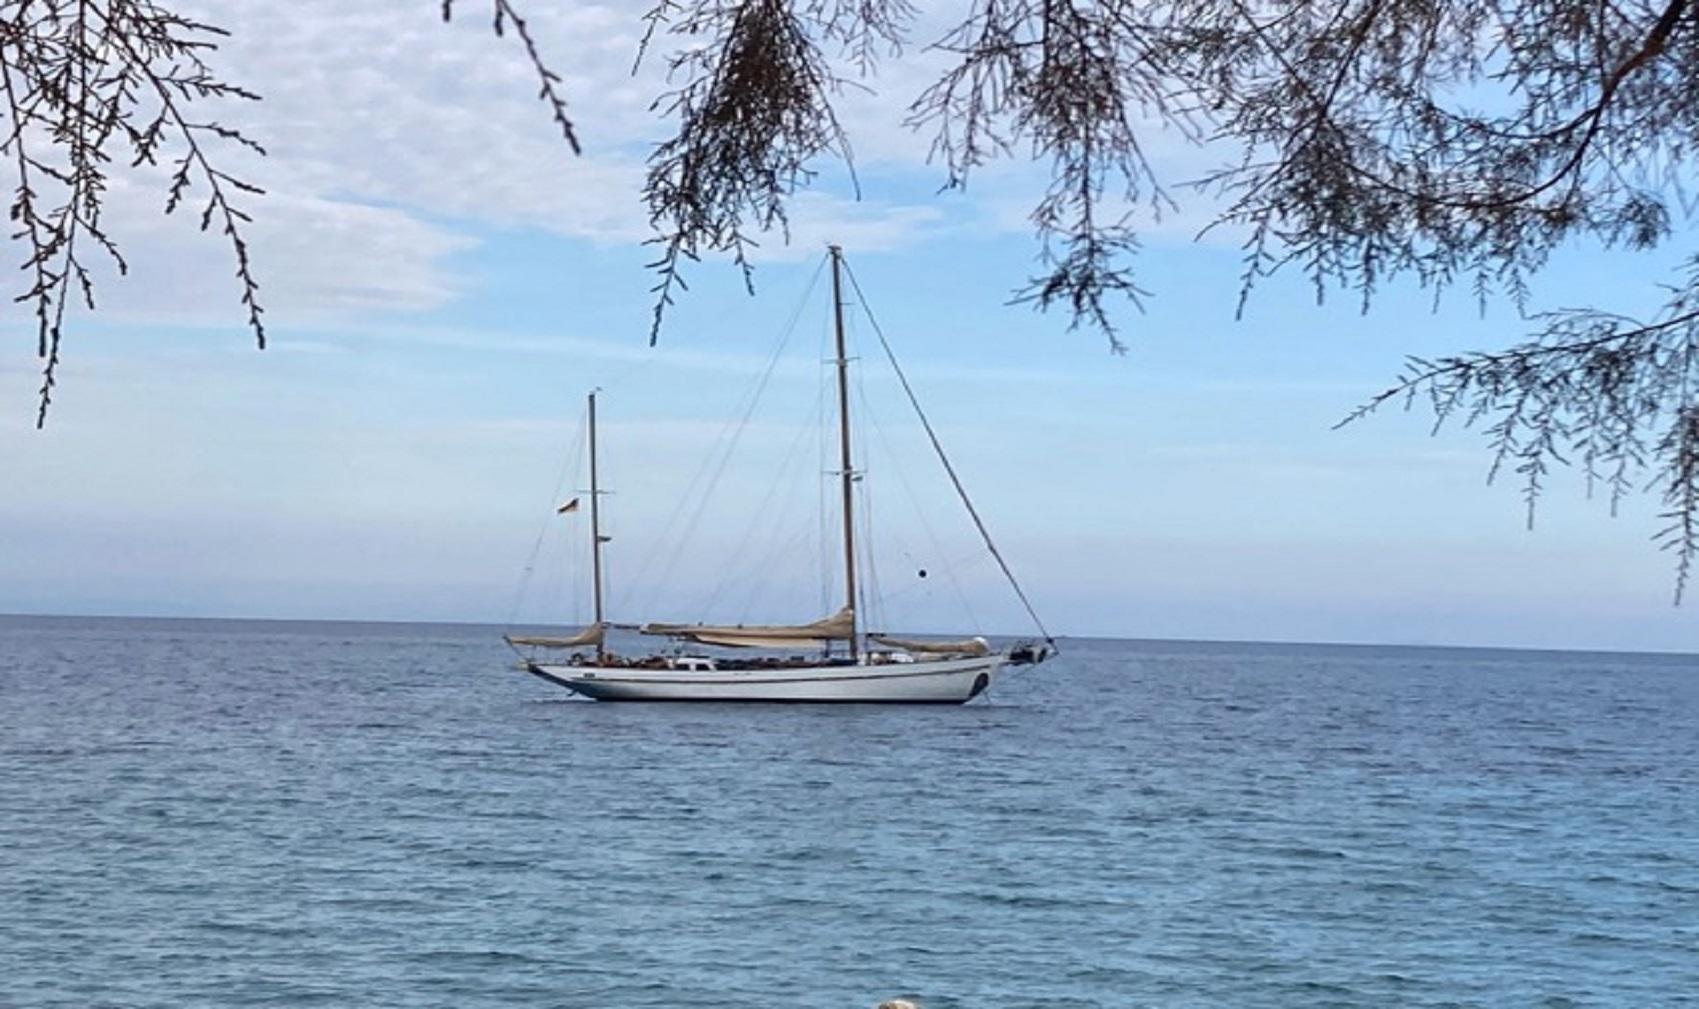 Σεπτέμβριος 2021 – Φθινοπωρινή κρουαζιέρα με πλοίο άλλων εποχών